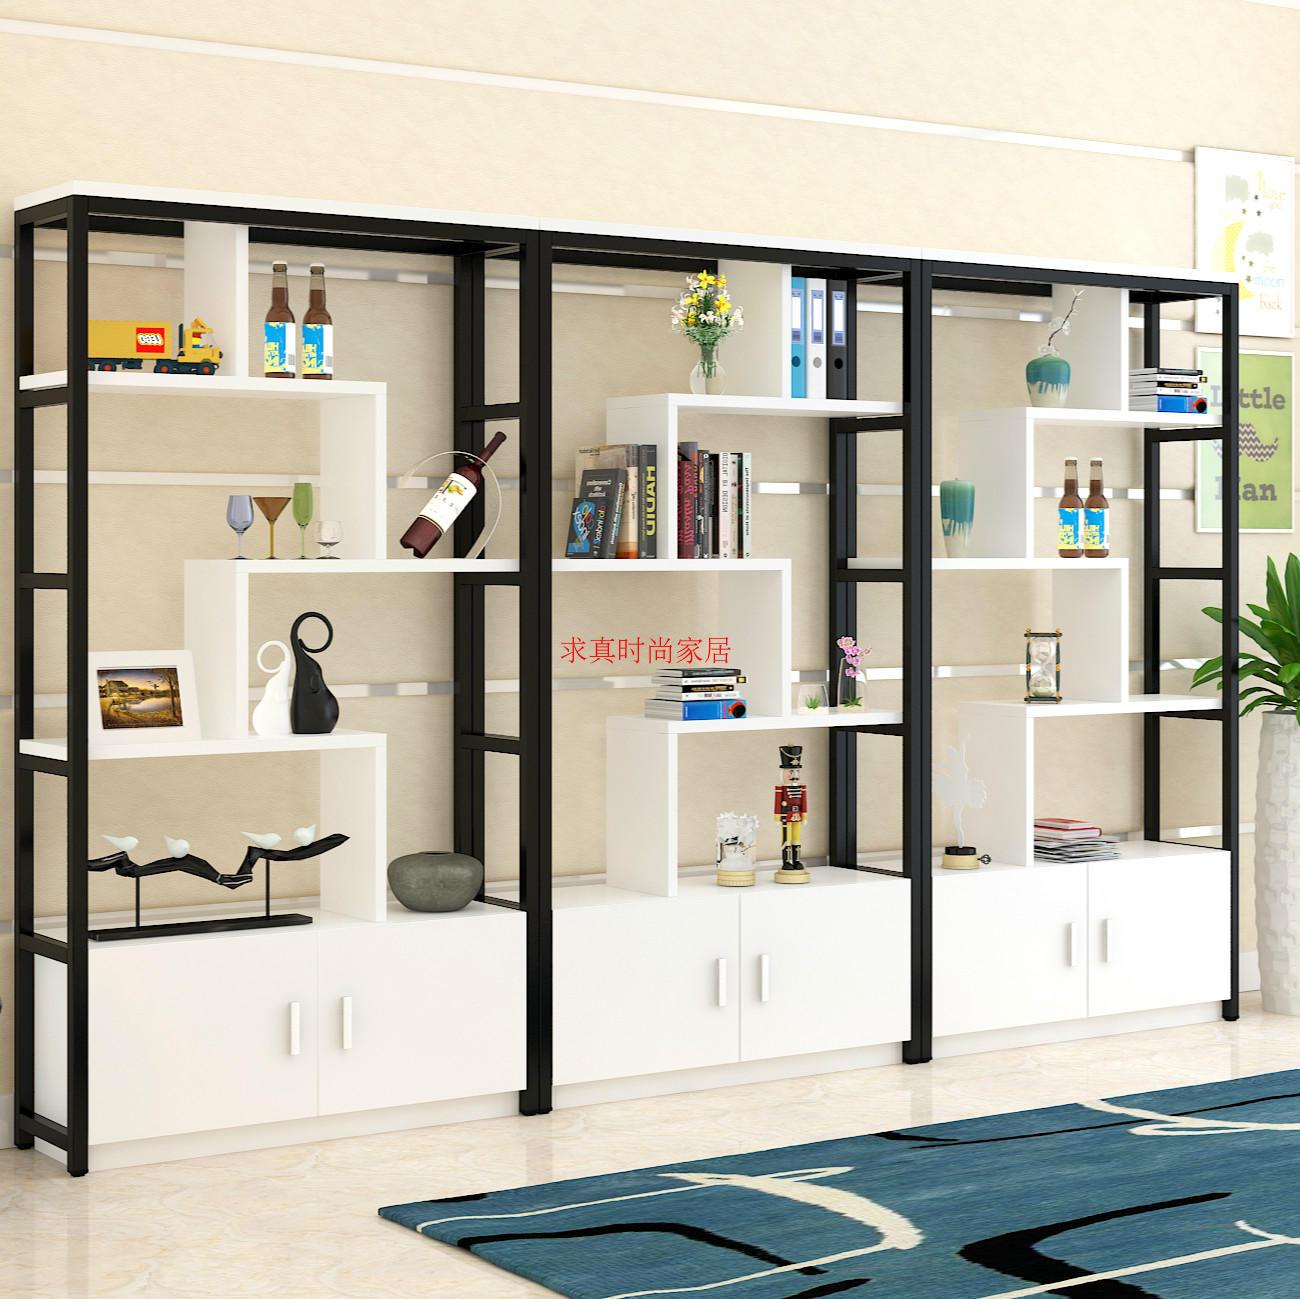 Офисная мебель / Мебель для ресторанов / Мебель для салонов Артикул 600939908164